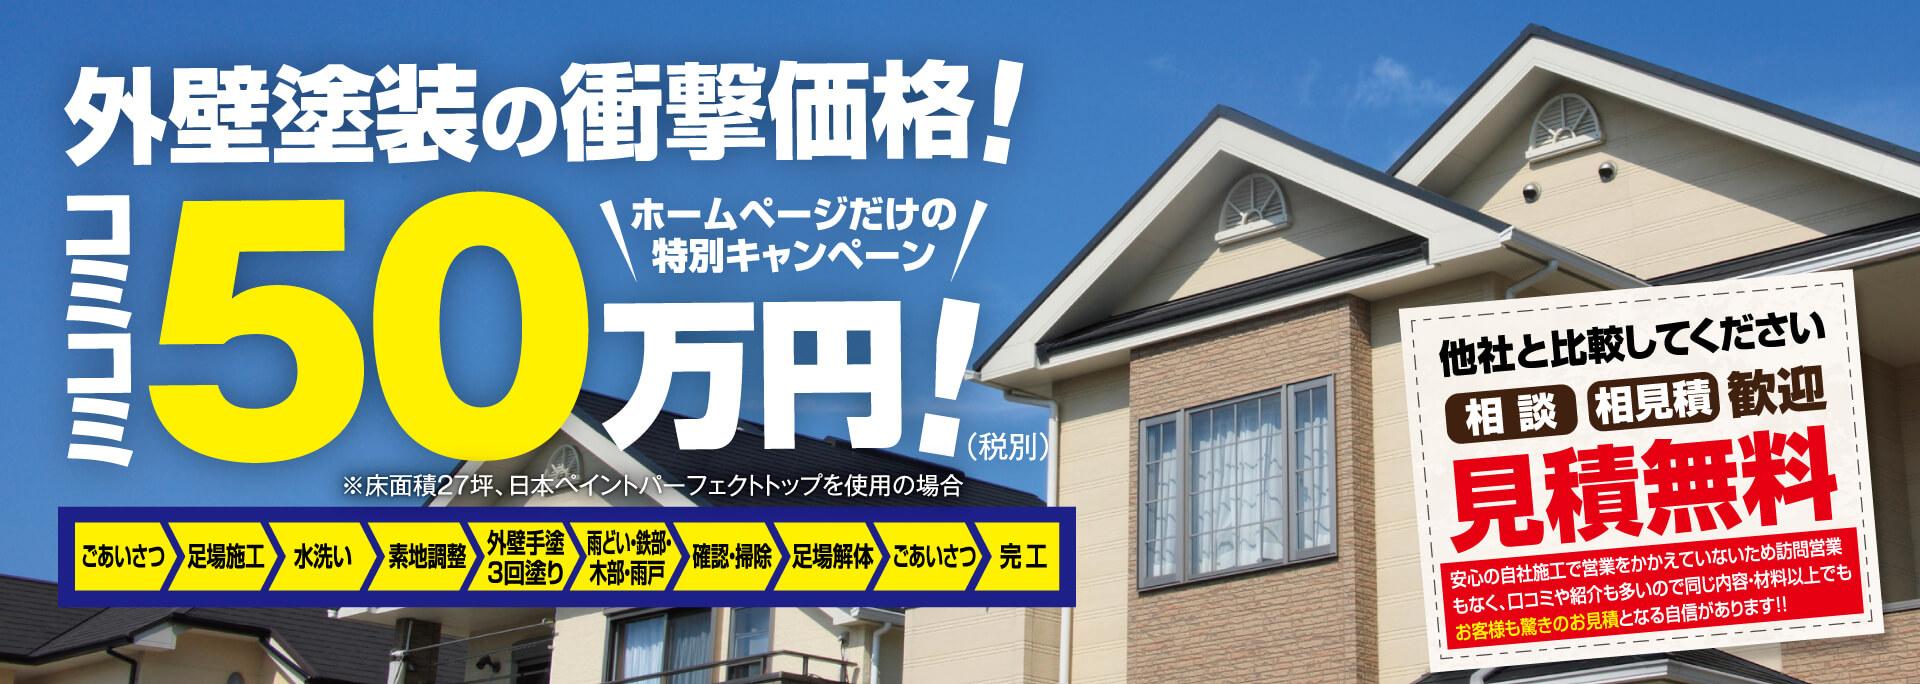 外装塗装の衝撃価格!コミコミ50万円!